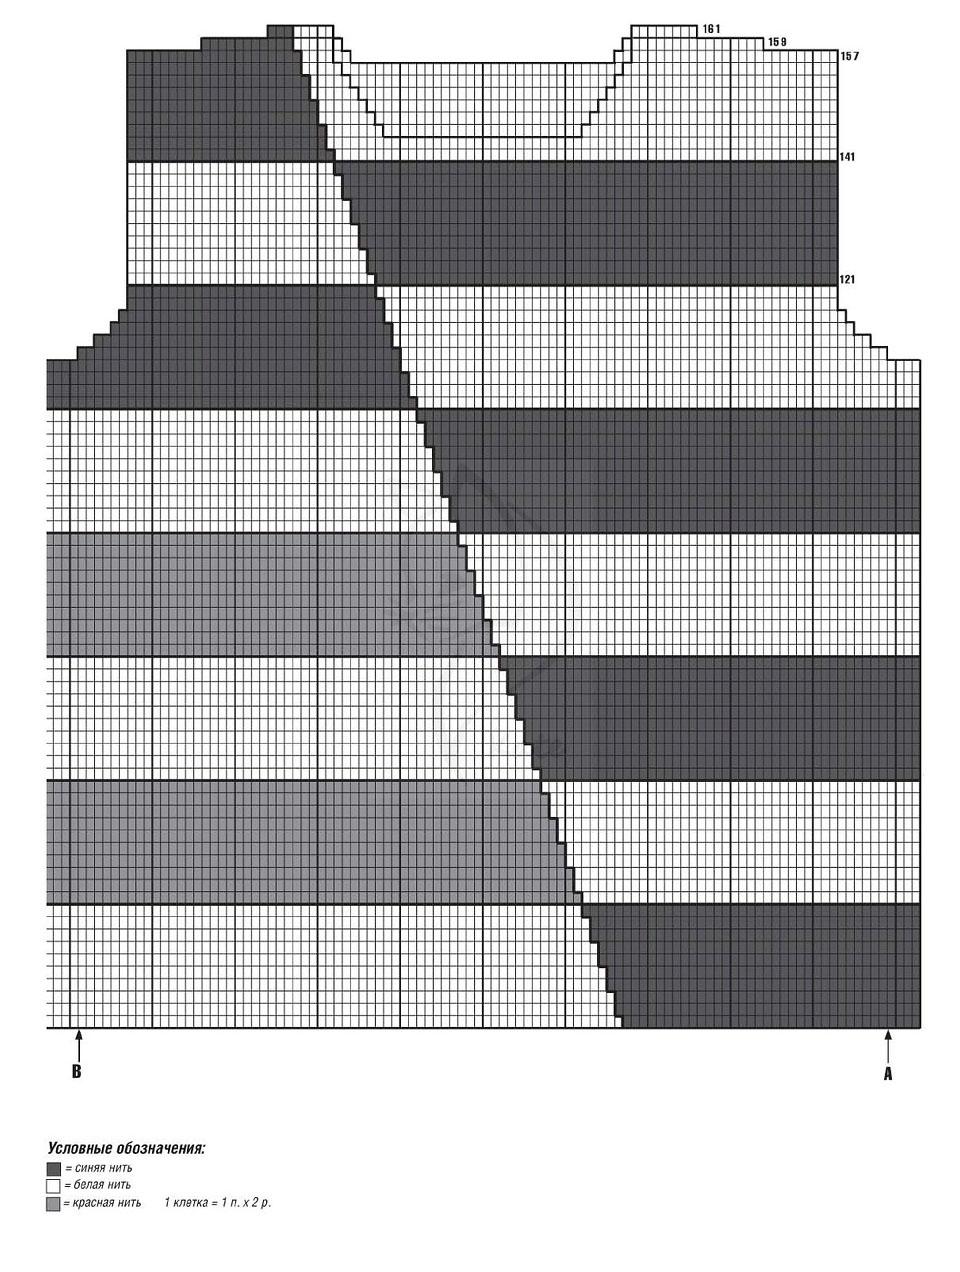 Стильный пуловер в полоску спицами схема расположения полос